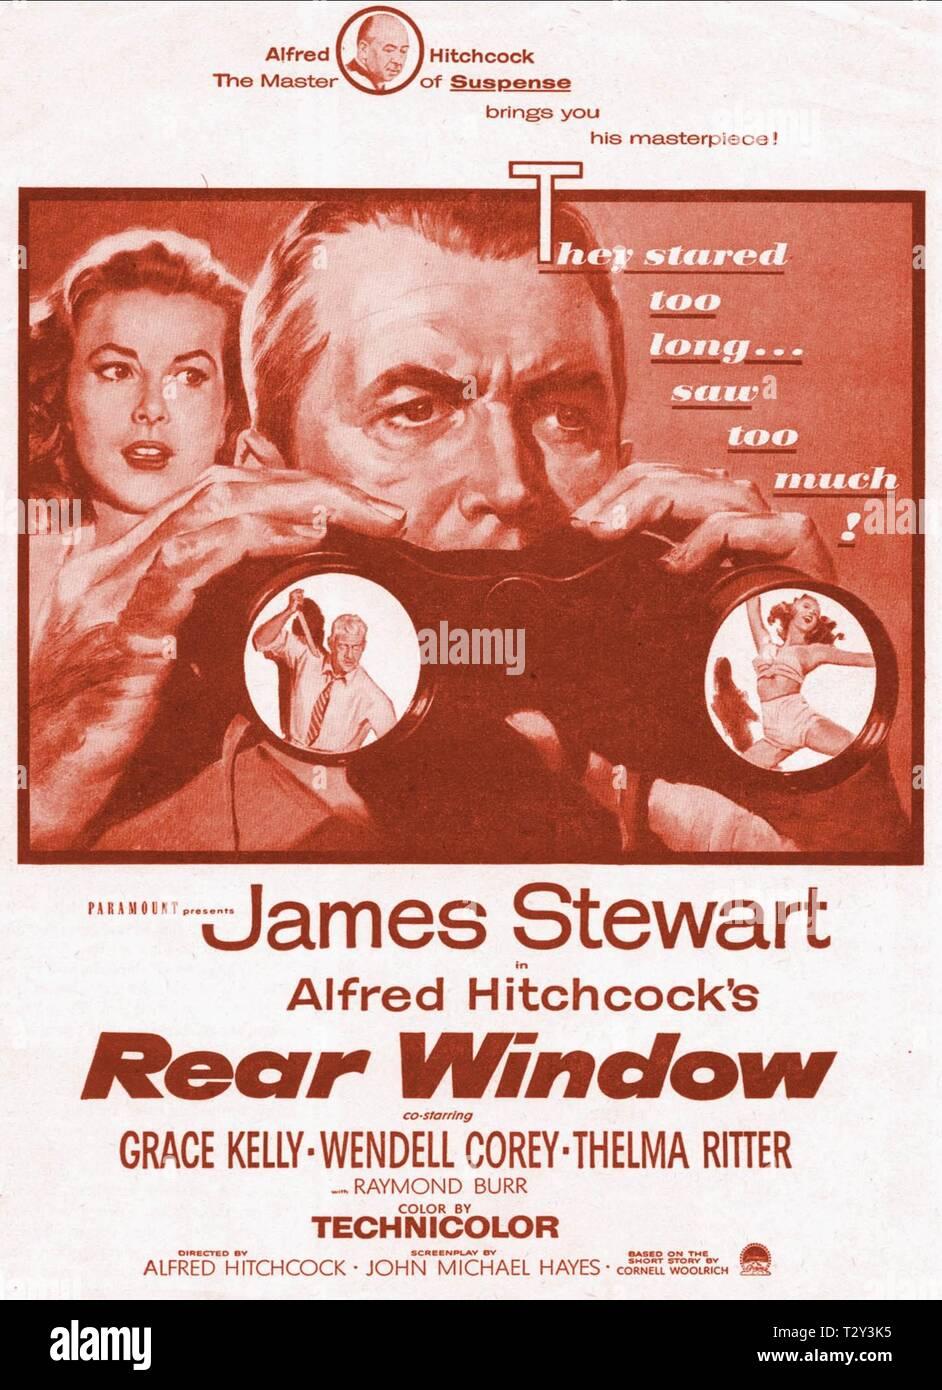 GRACE KELLY, JAMES STEWART POSTER, REAR WINDOW, 1954 - Stock Image